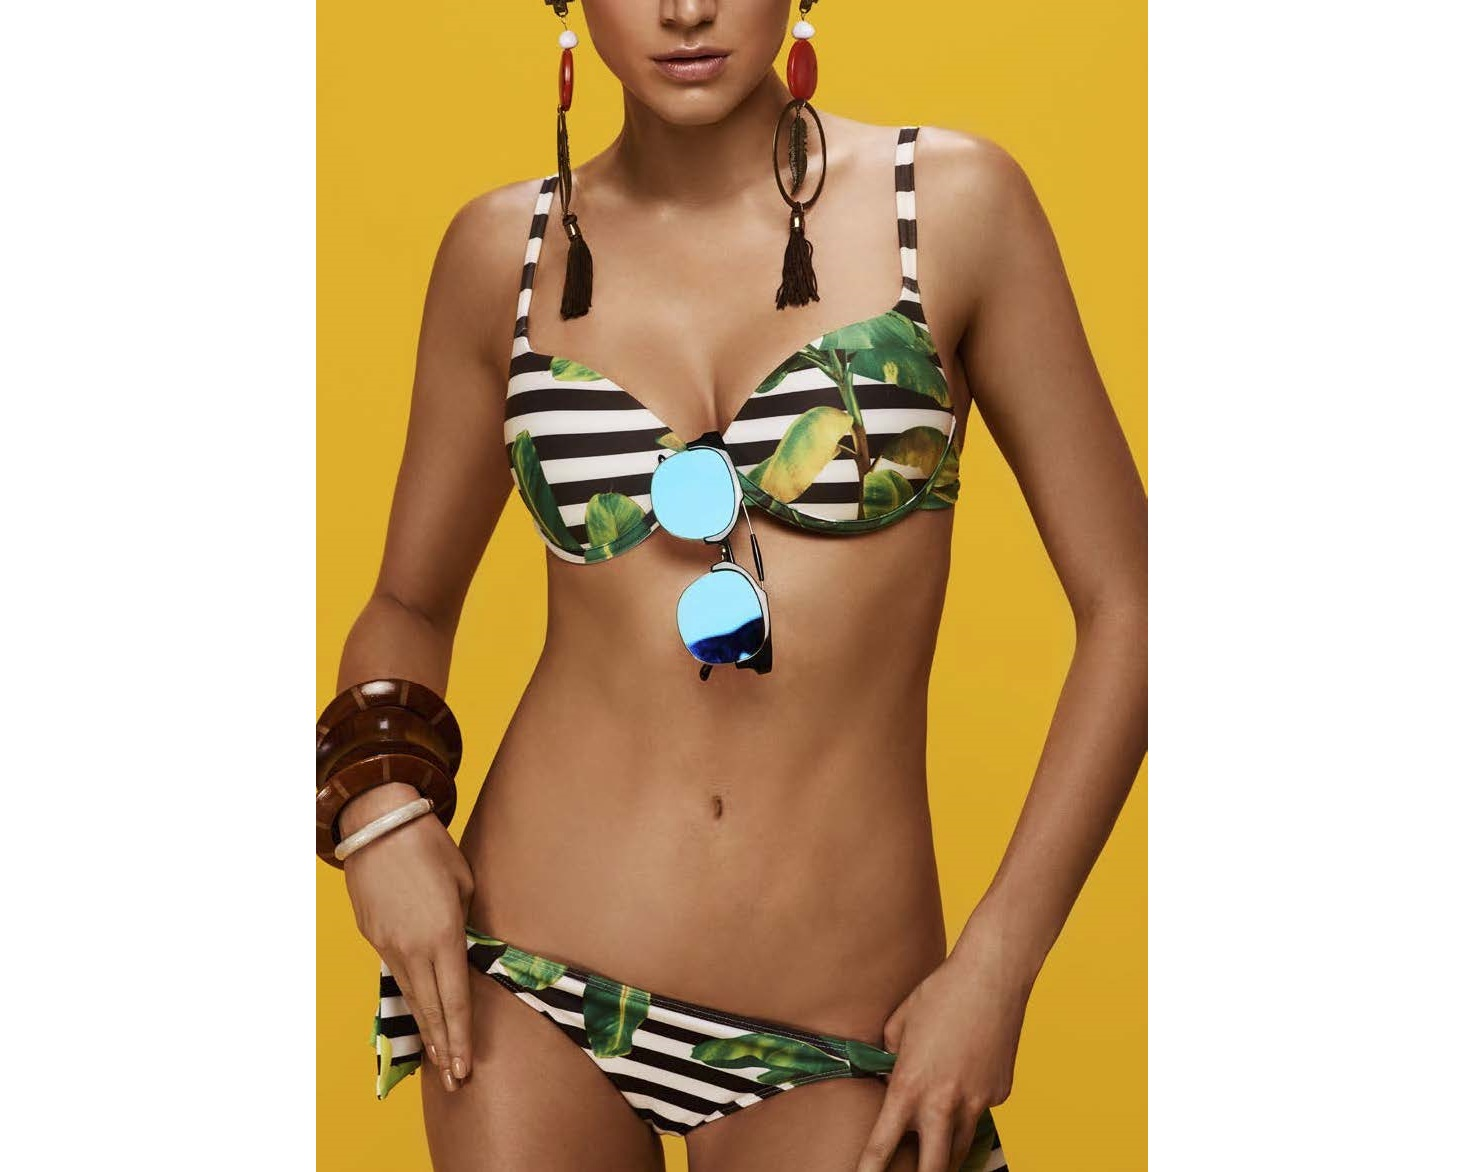 マルイが、ブラジル水着のトップブランド「Morena Rosa」の取扱いを開始